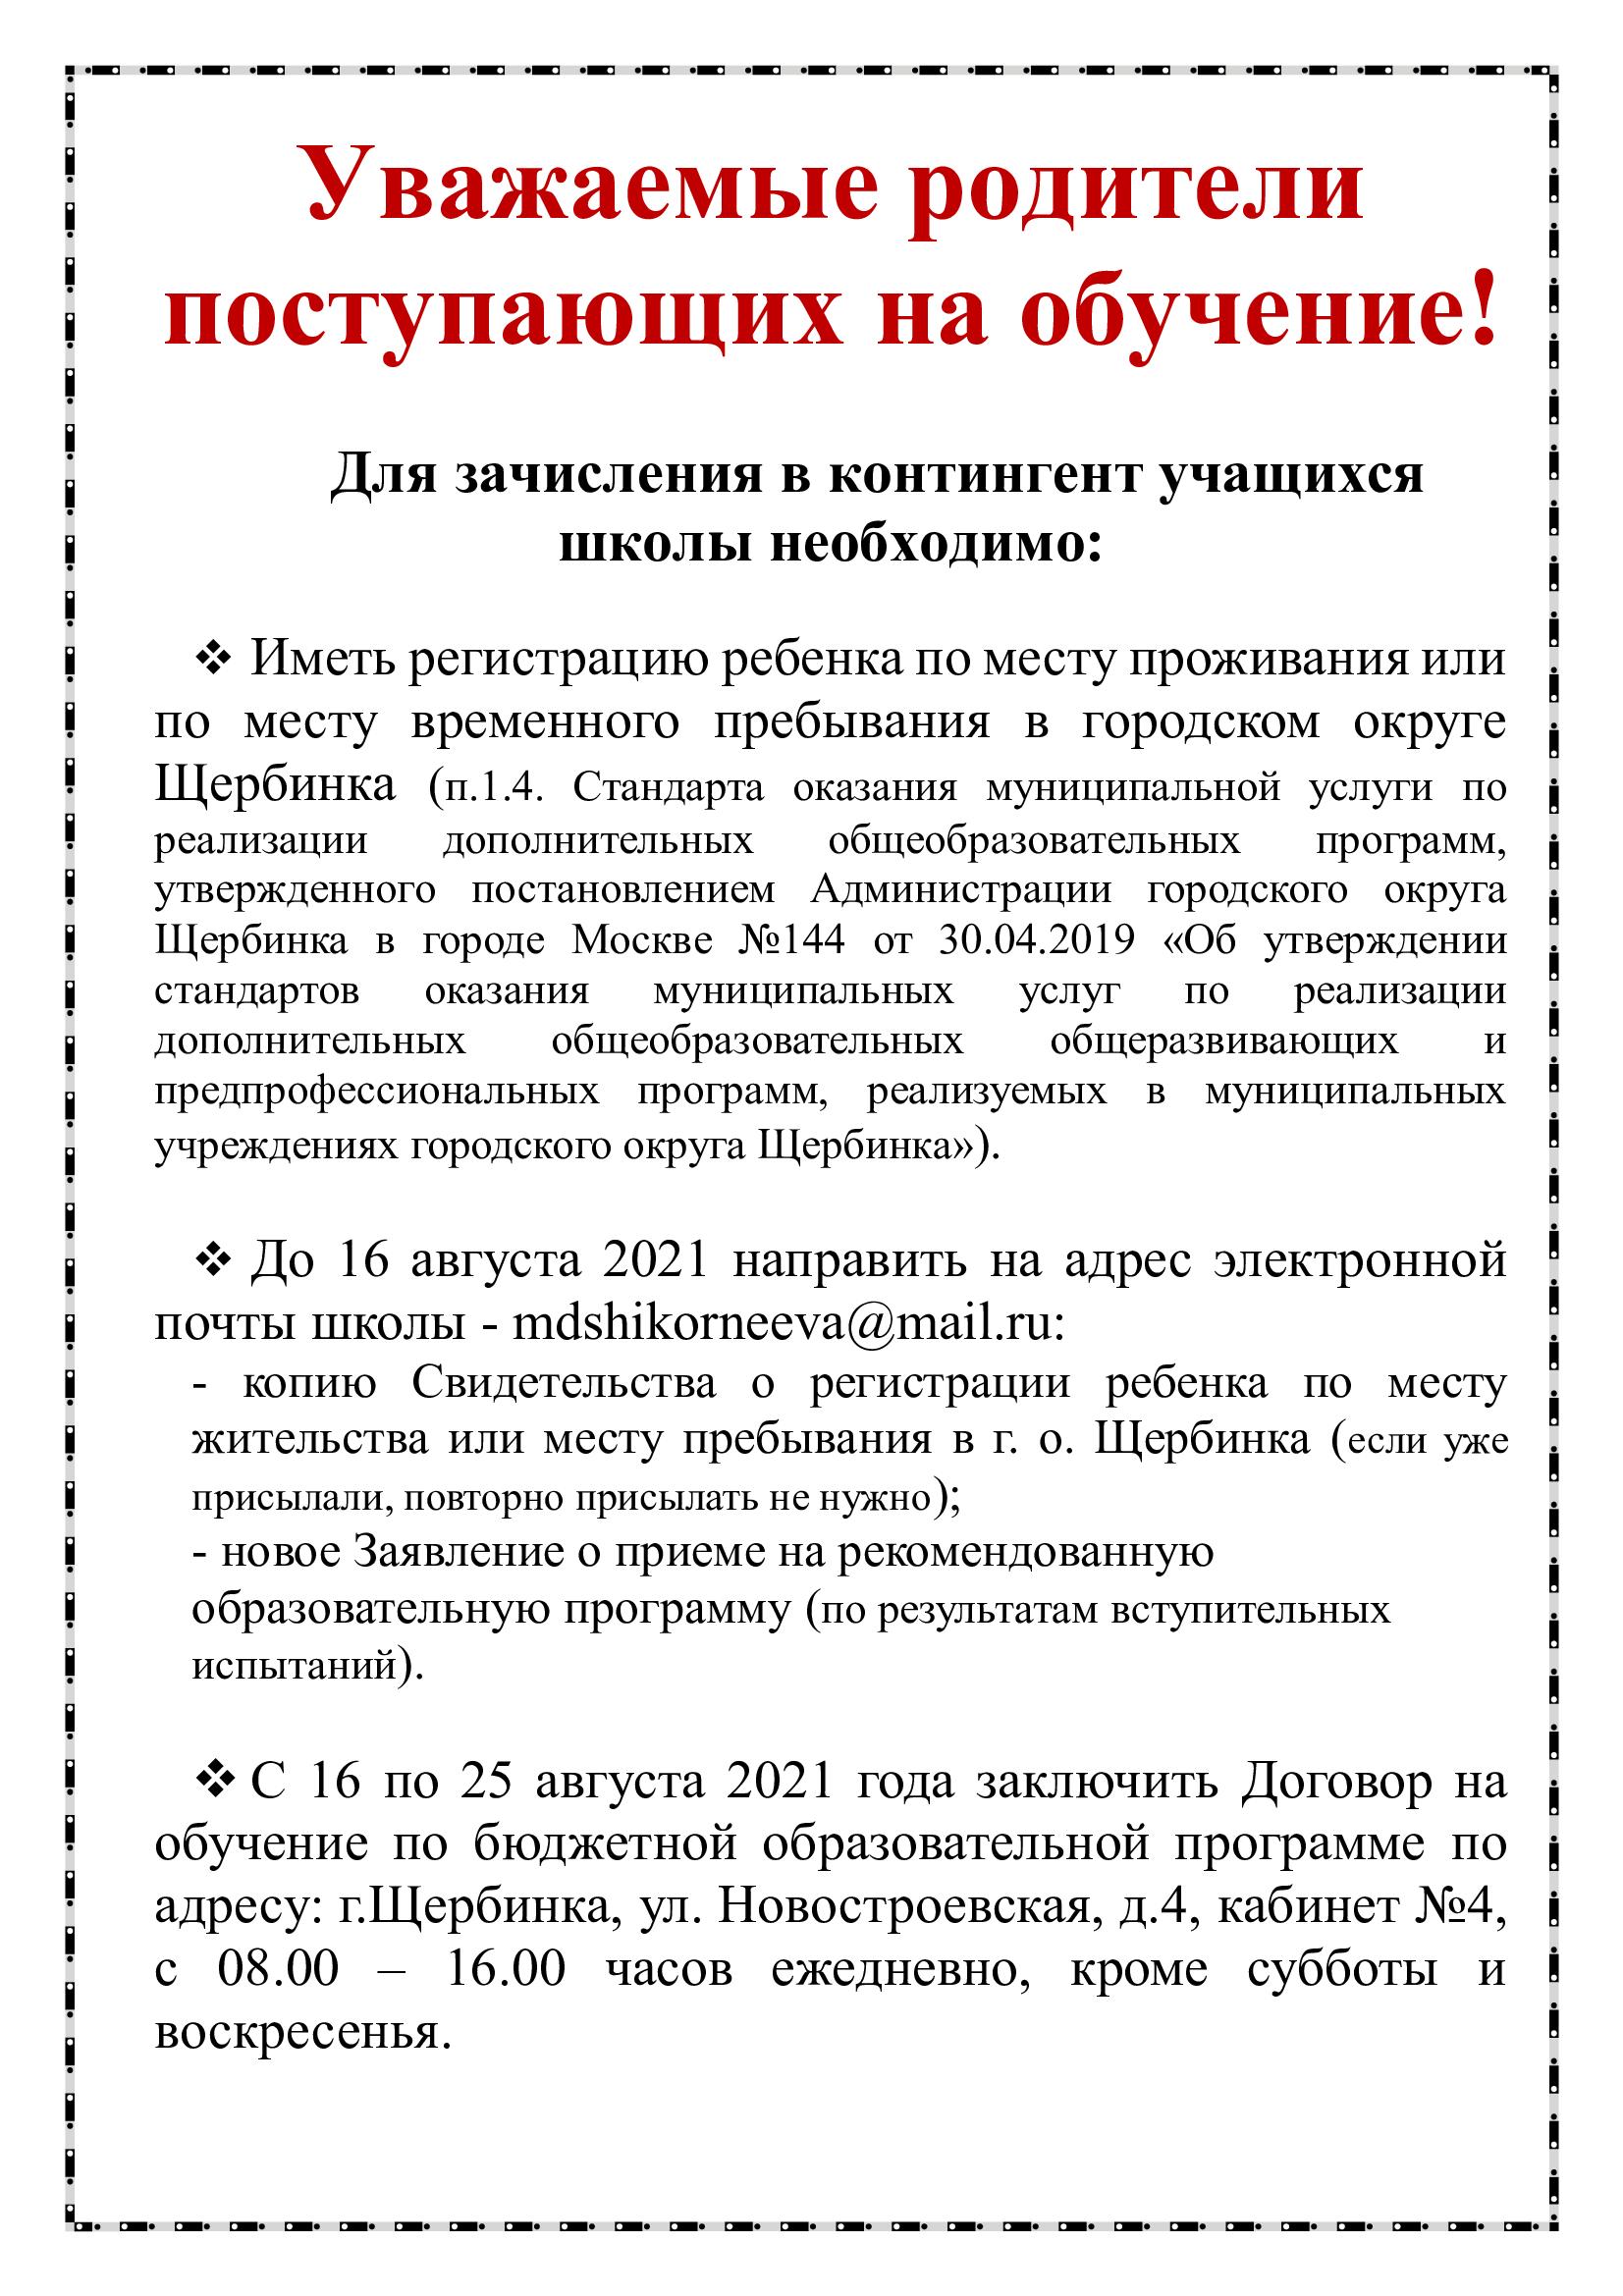 Объявл.о-предост.Св.о-рег.по-месту-жит.-28.06.21